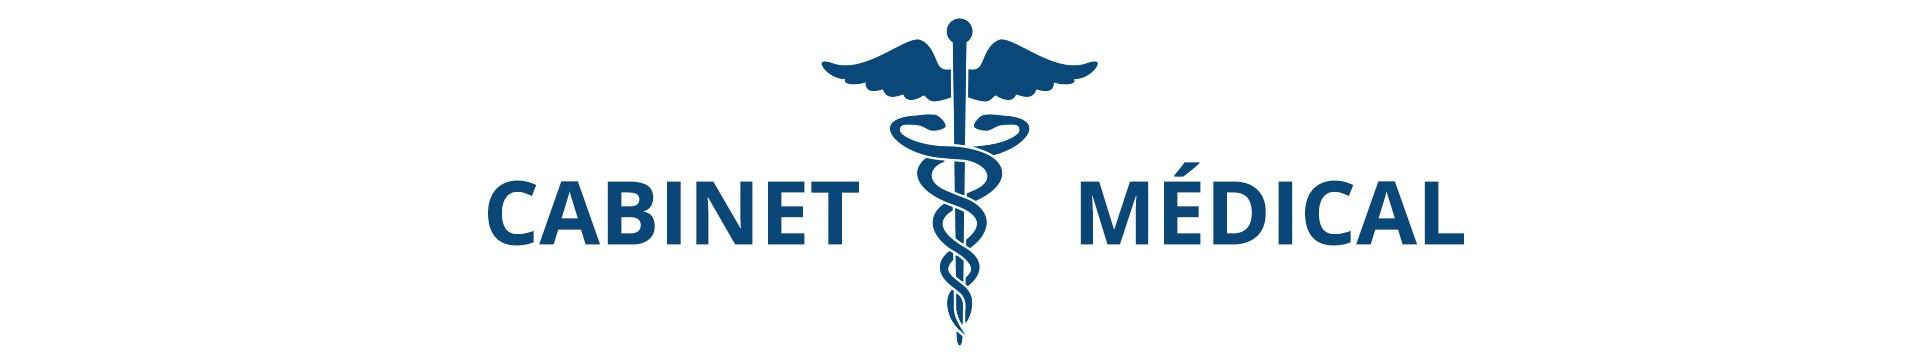 cabinet-medical-01-8906